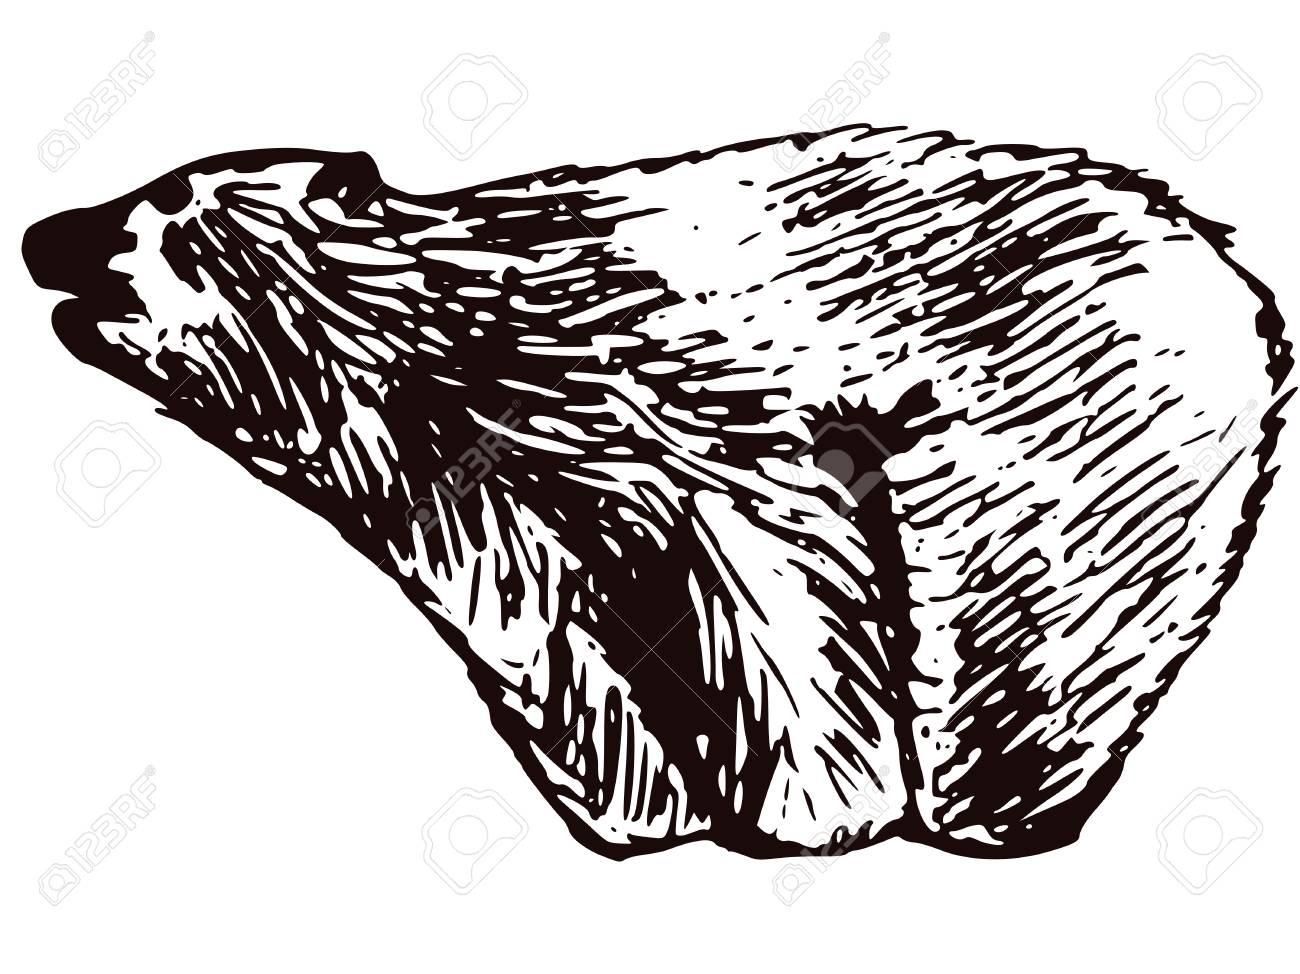 一連の動物、クマの手作りイラスト ロイヤリティフリークリップアート